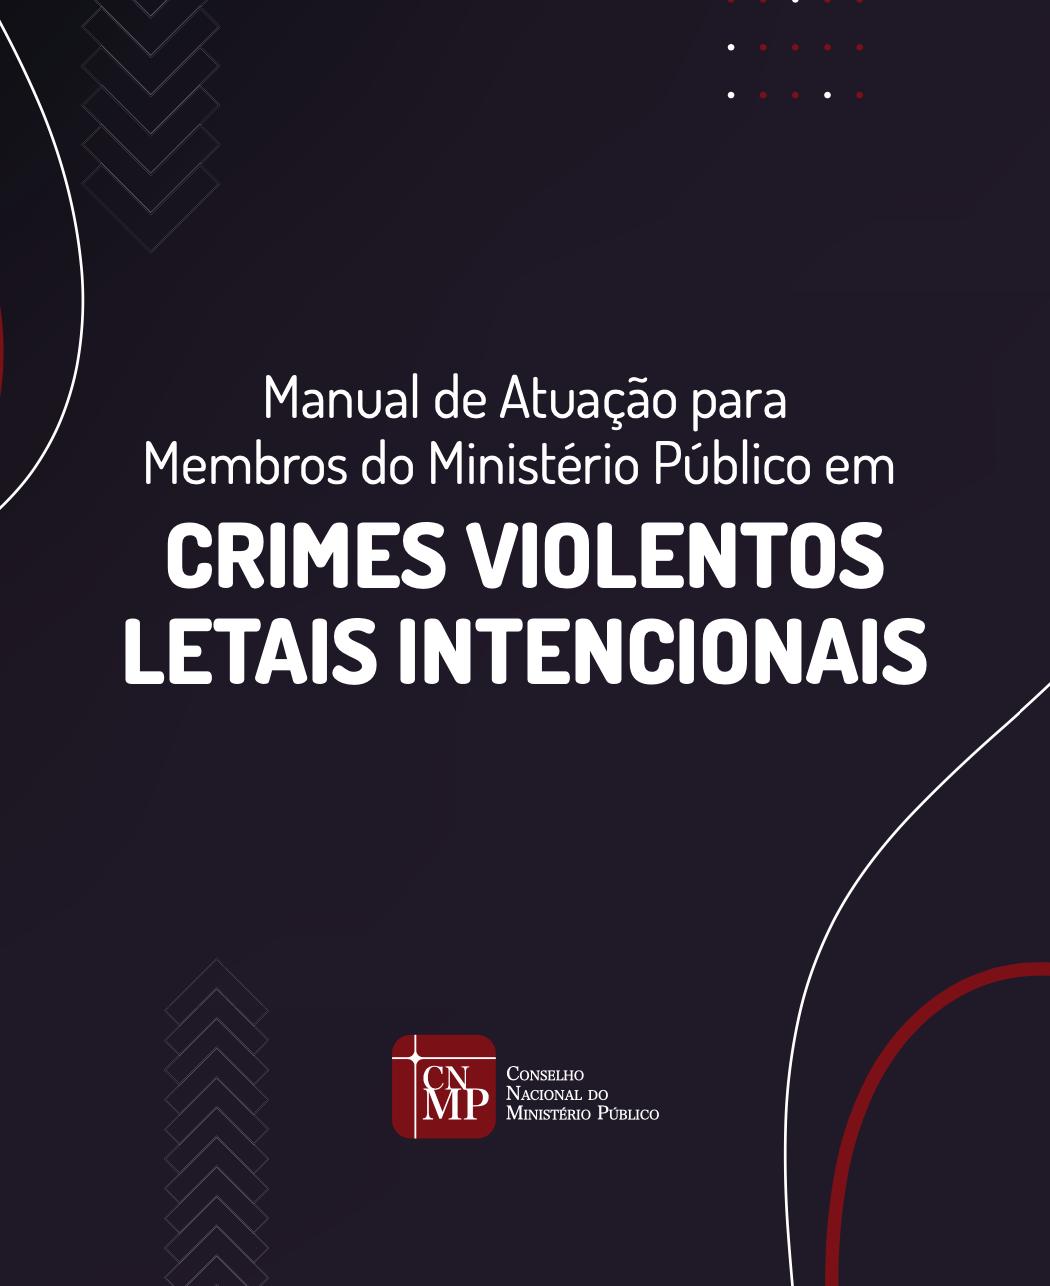 Manual de Atuação para Membros do Ministério Público em Crimes Violentos Letais Intencionais